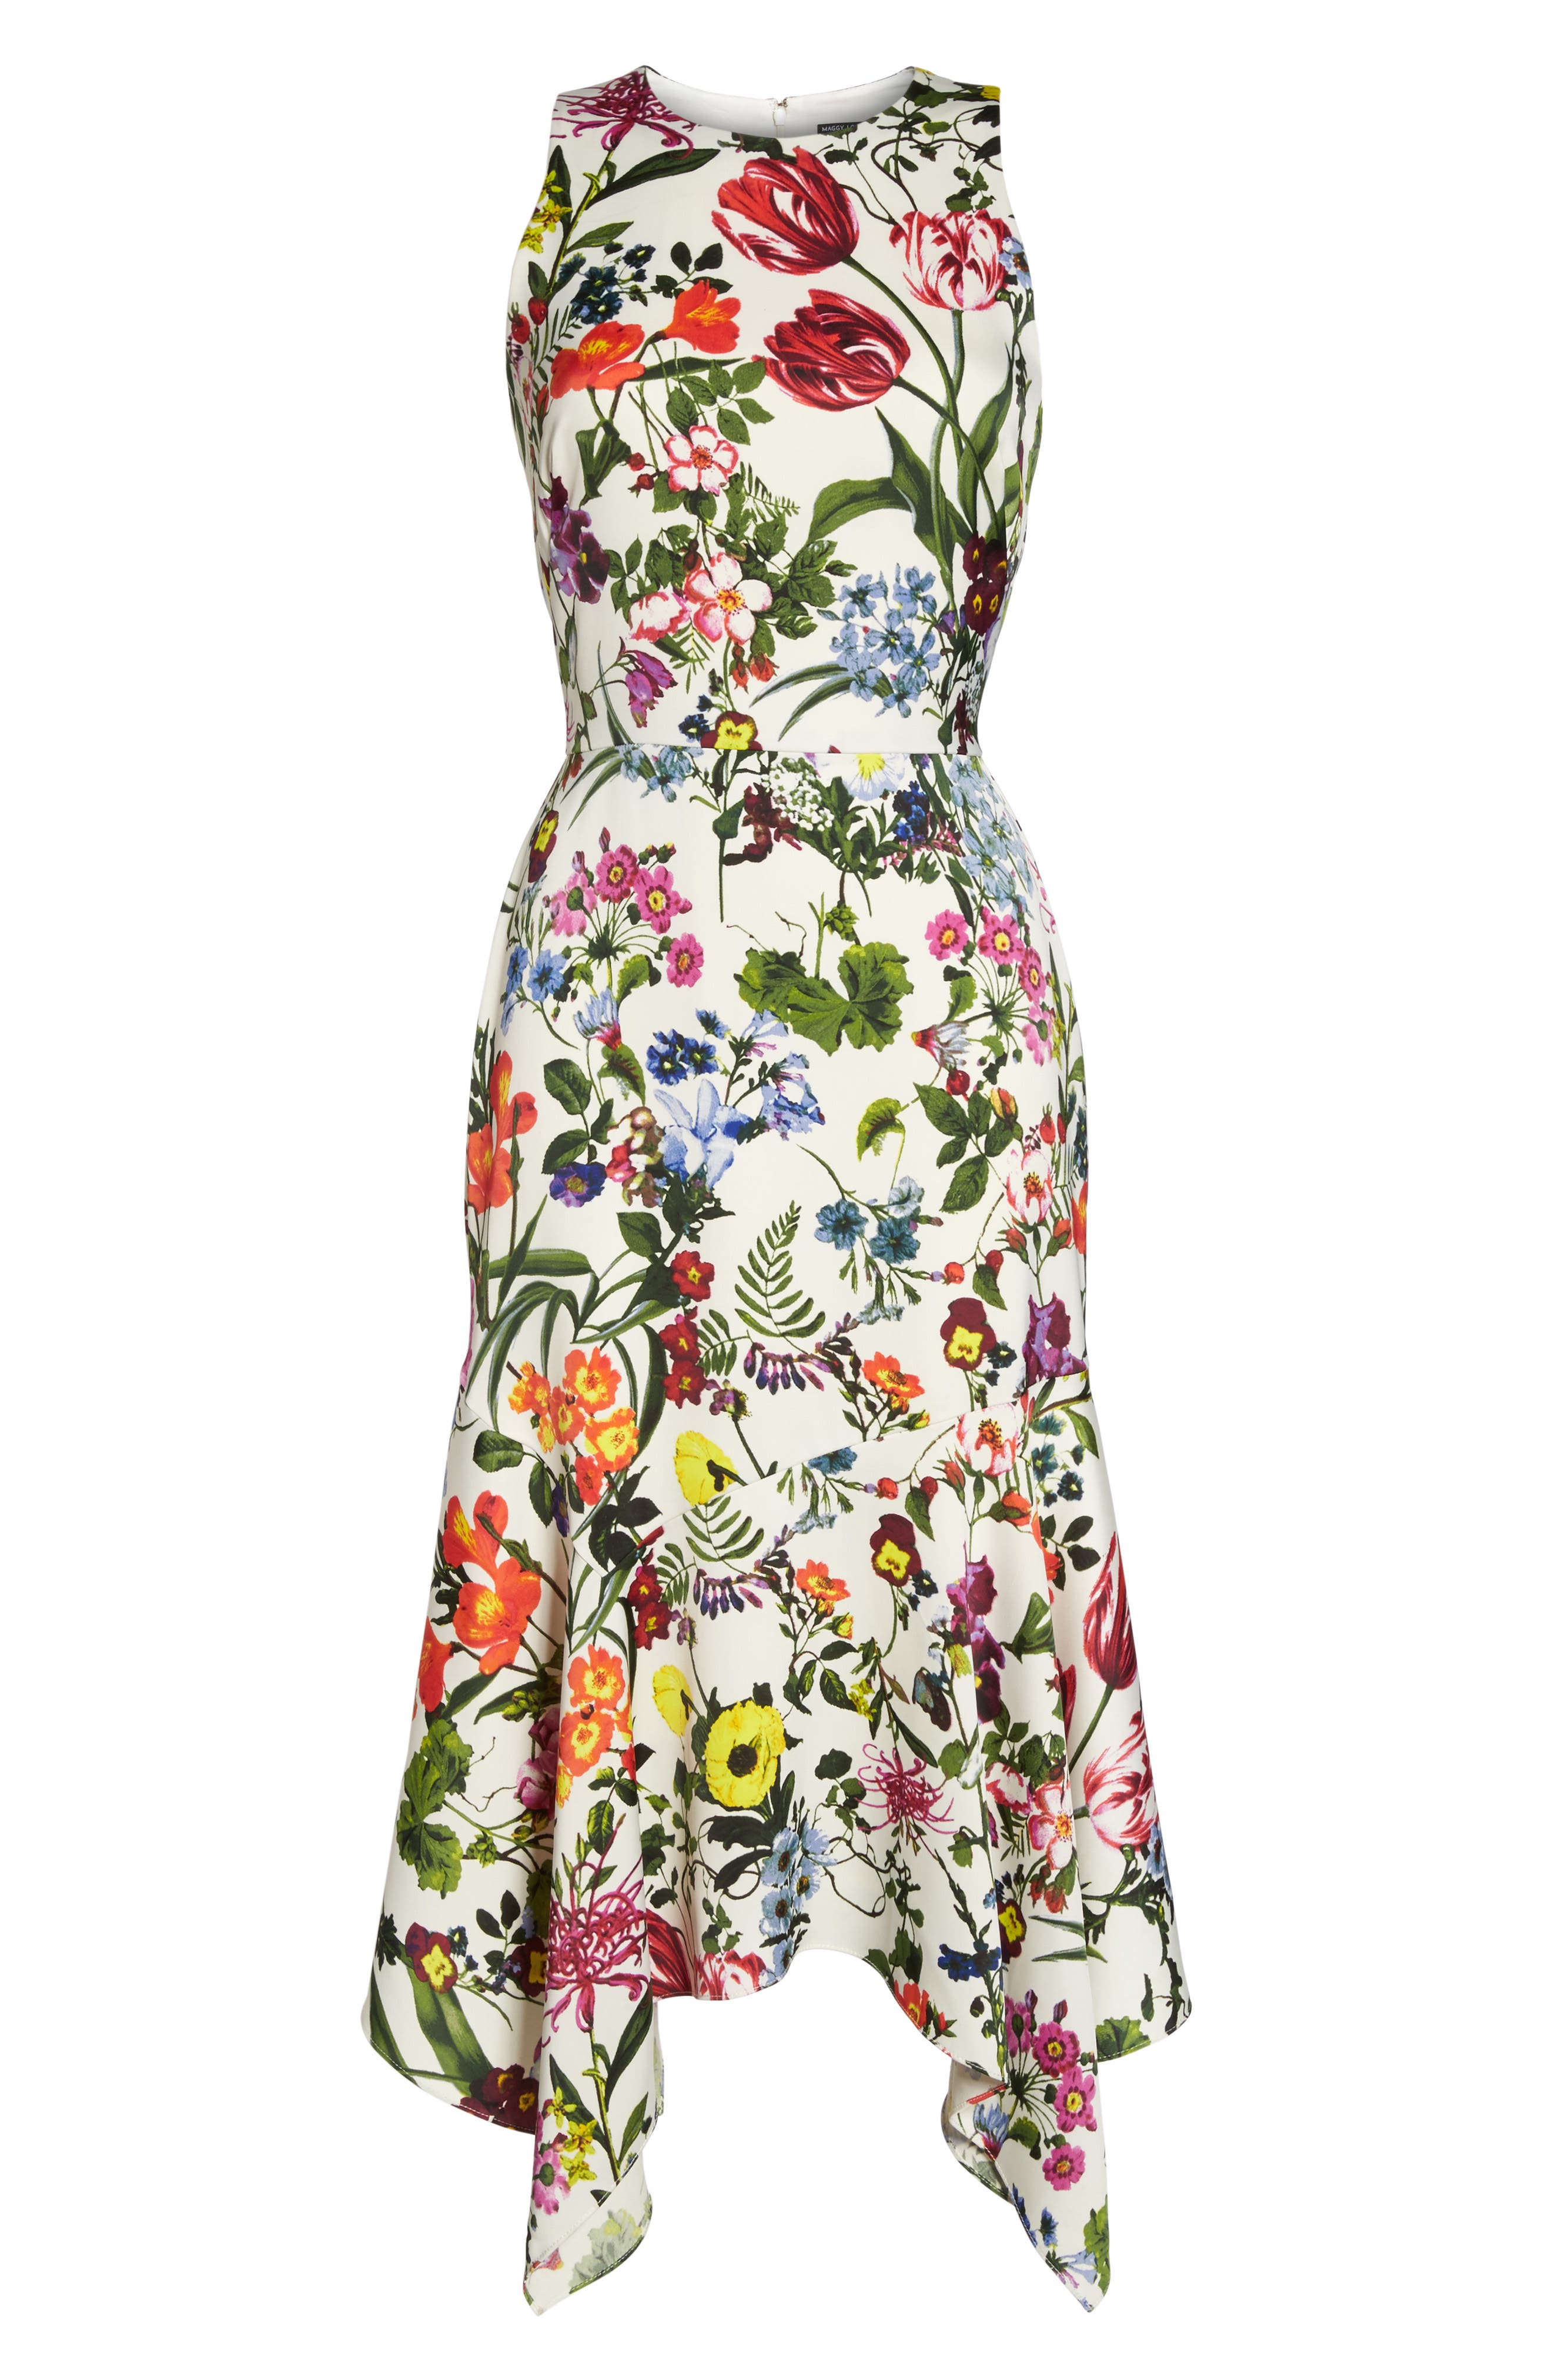 Botanical Print Charmeuse Midi Dress,                             Alternate thumbnail 6, color,                             Soft White/ Multi